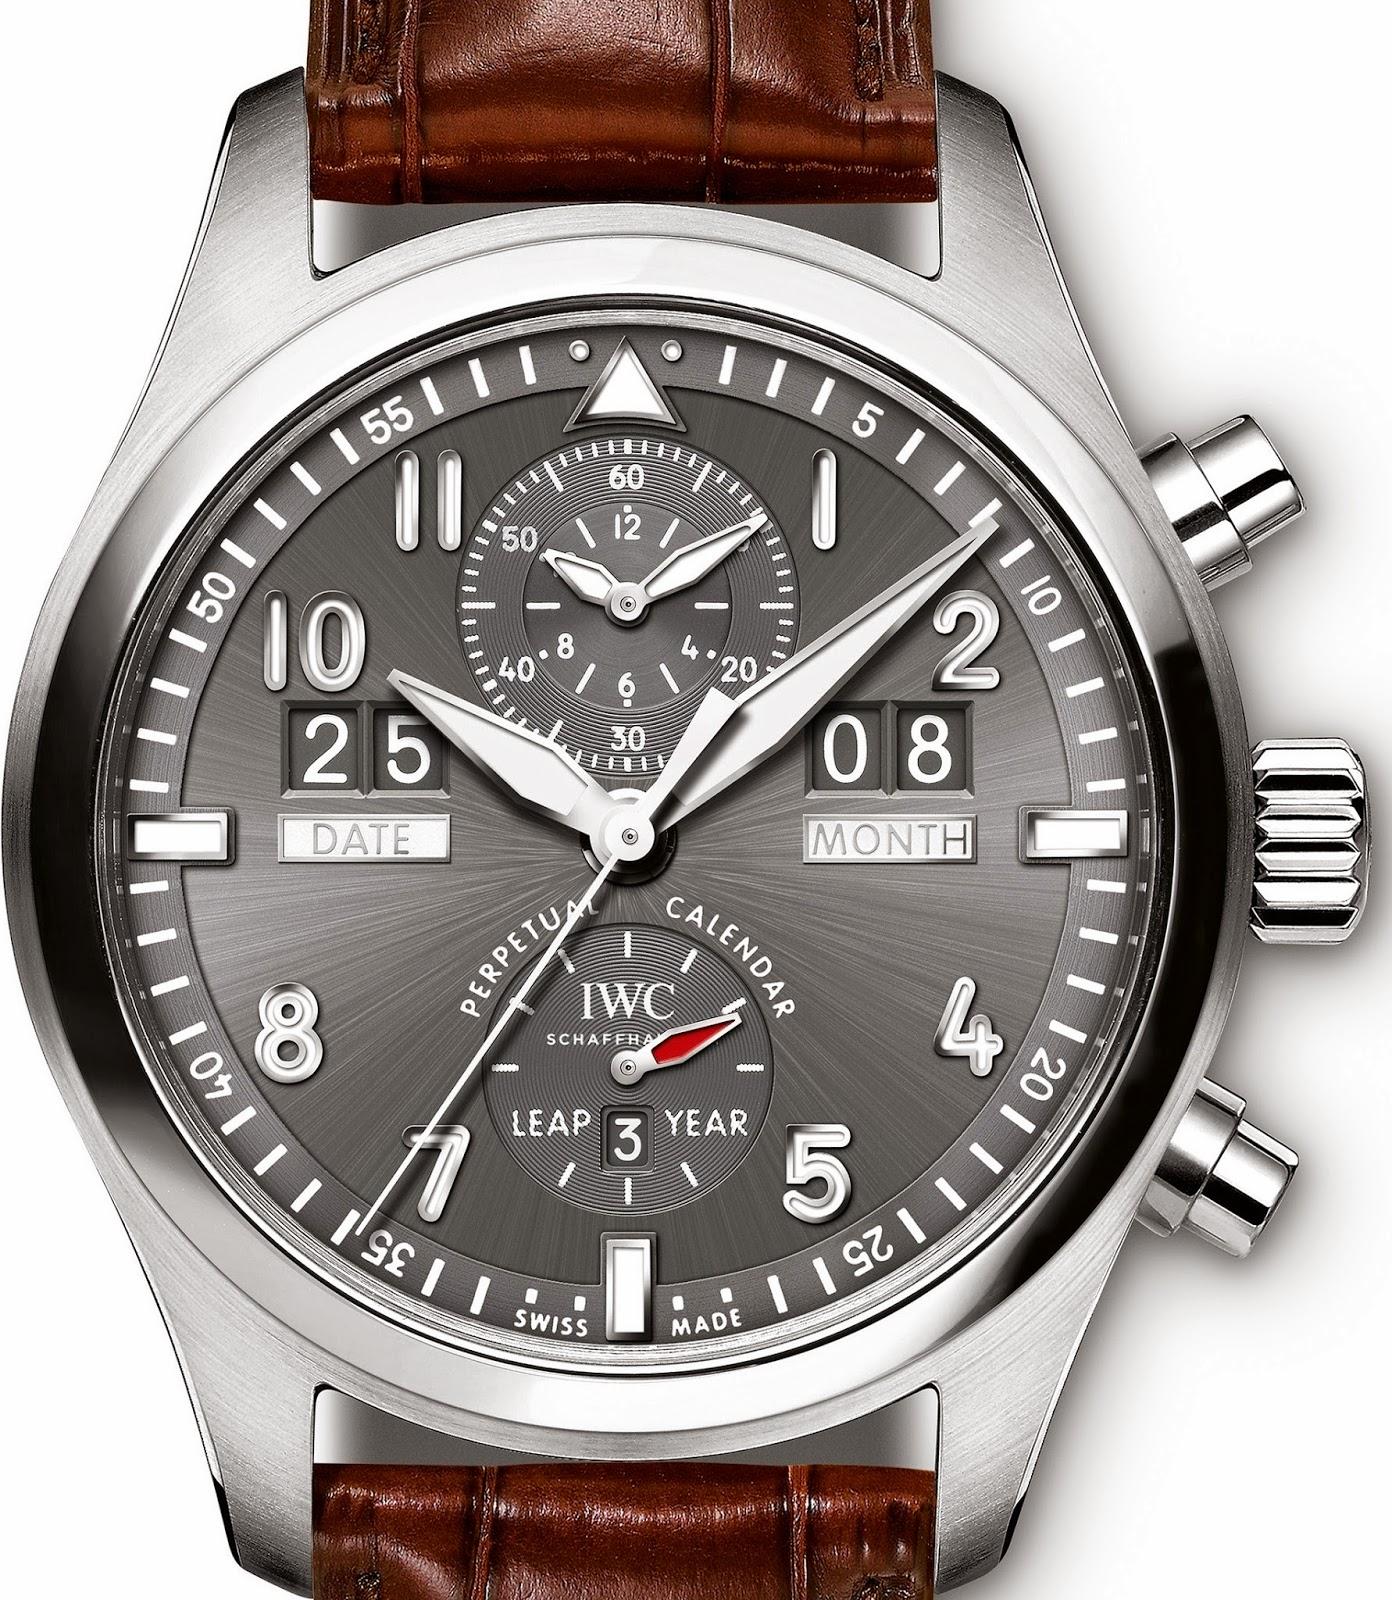 IWC - Spitfire Perpetual Calendar Digital Date-Month